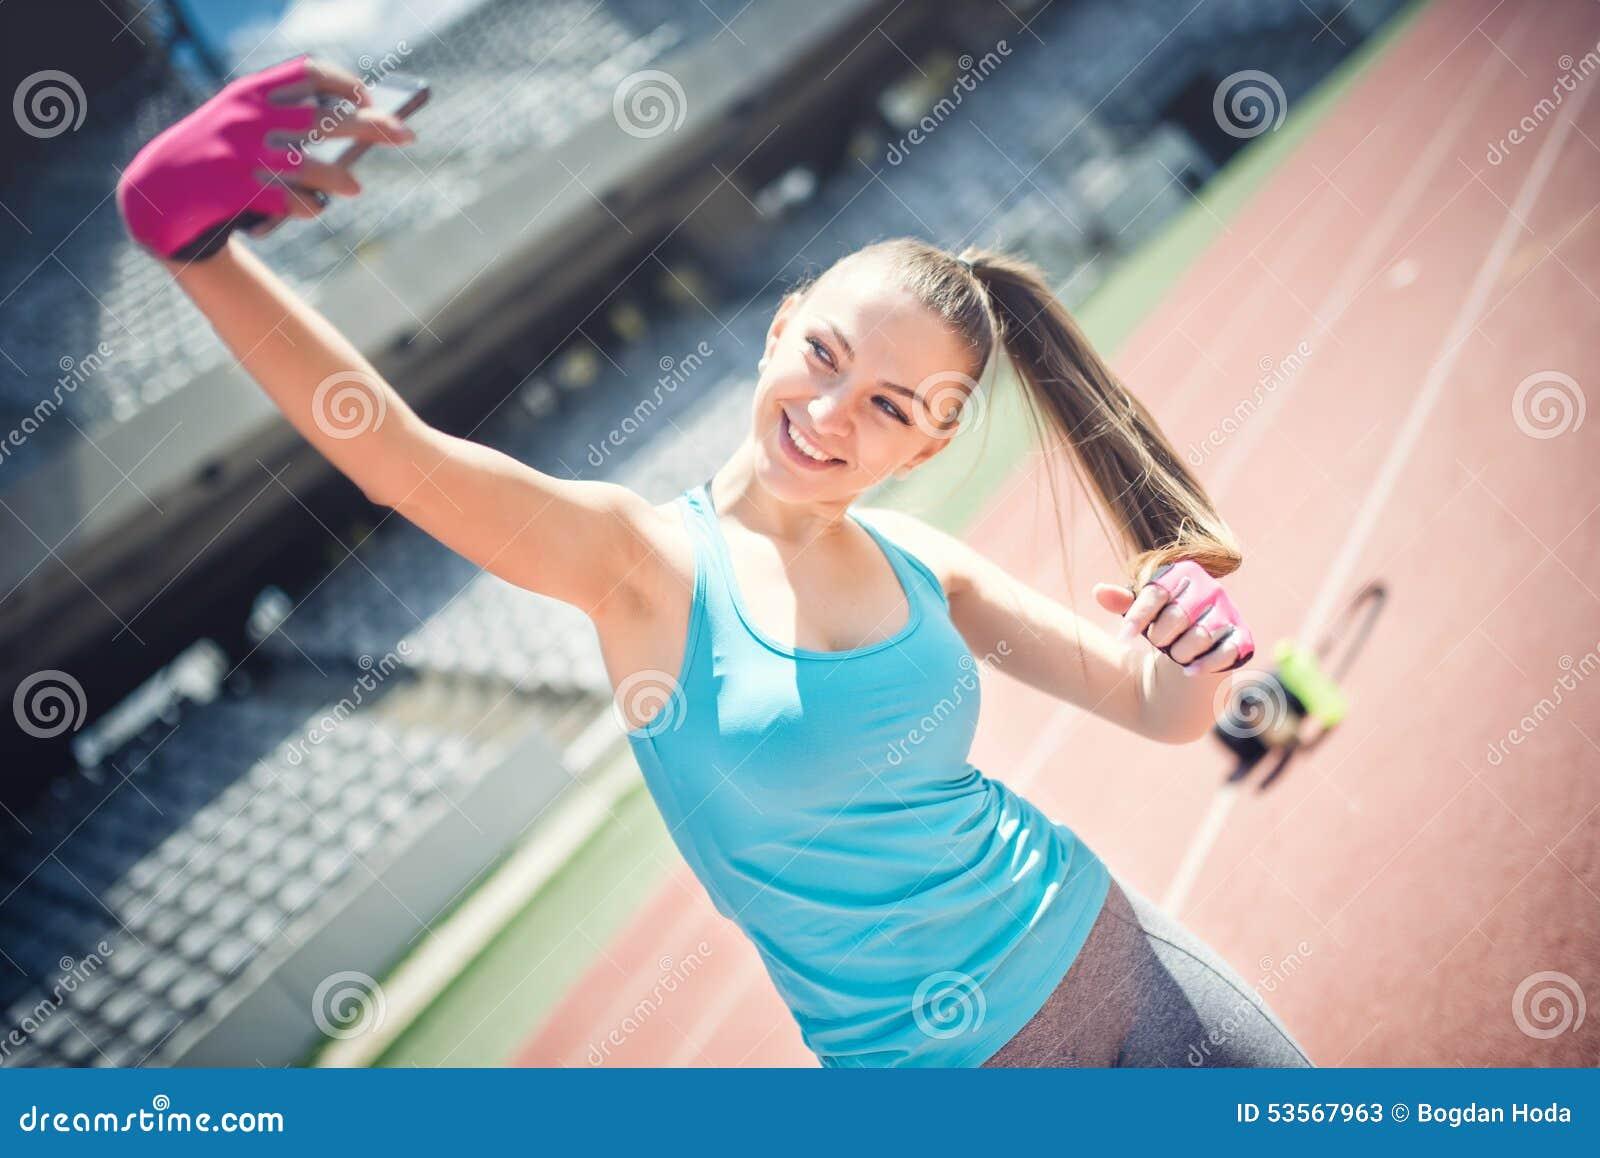 Retrato de la muchacha bonita que sonríe y que toma un selfie mientras que entrena Mujer hermosa que toma imágenes de sí misma Me